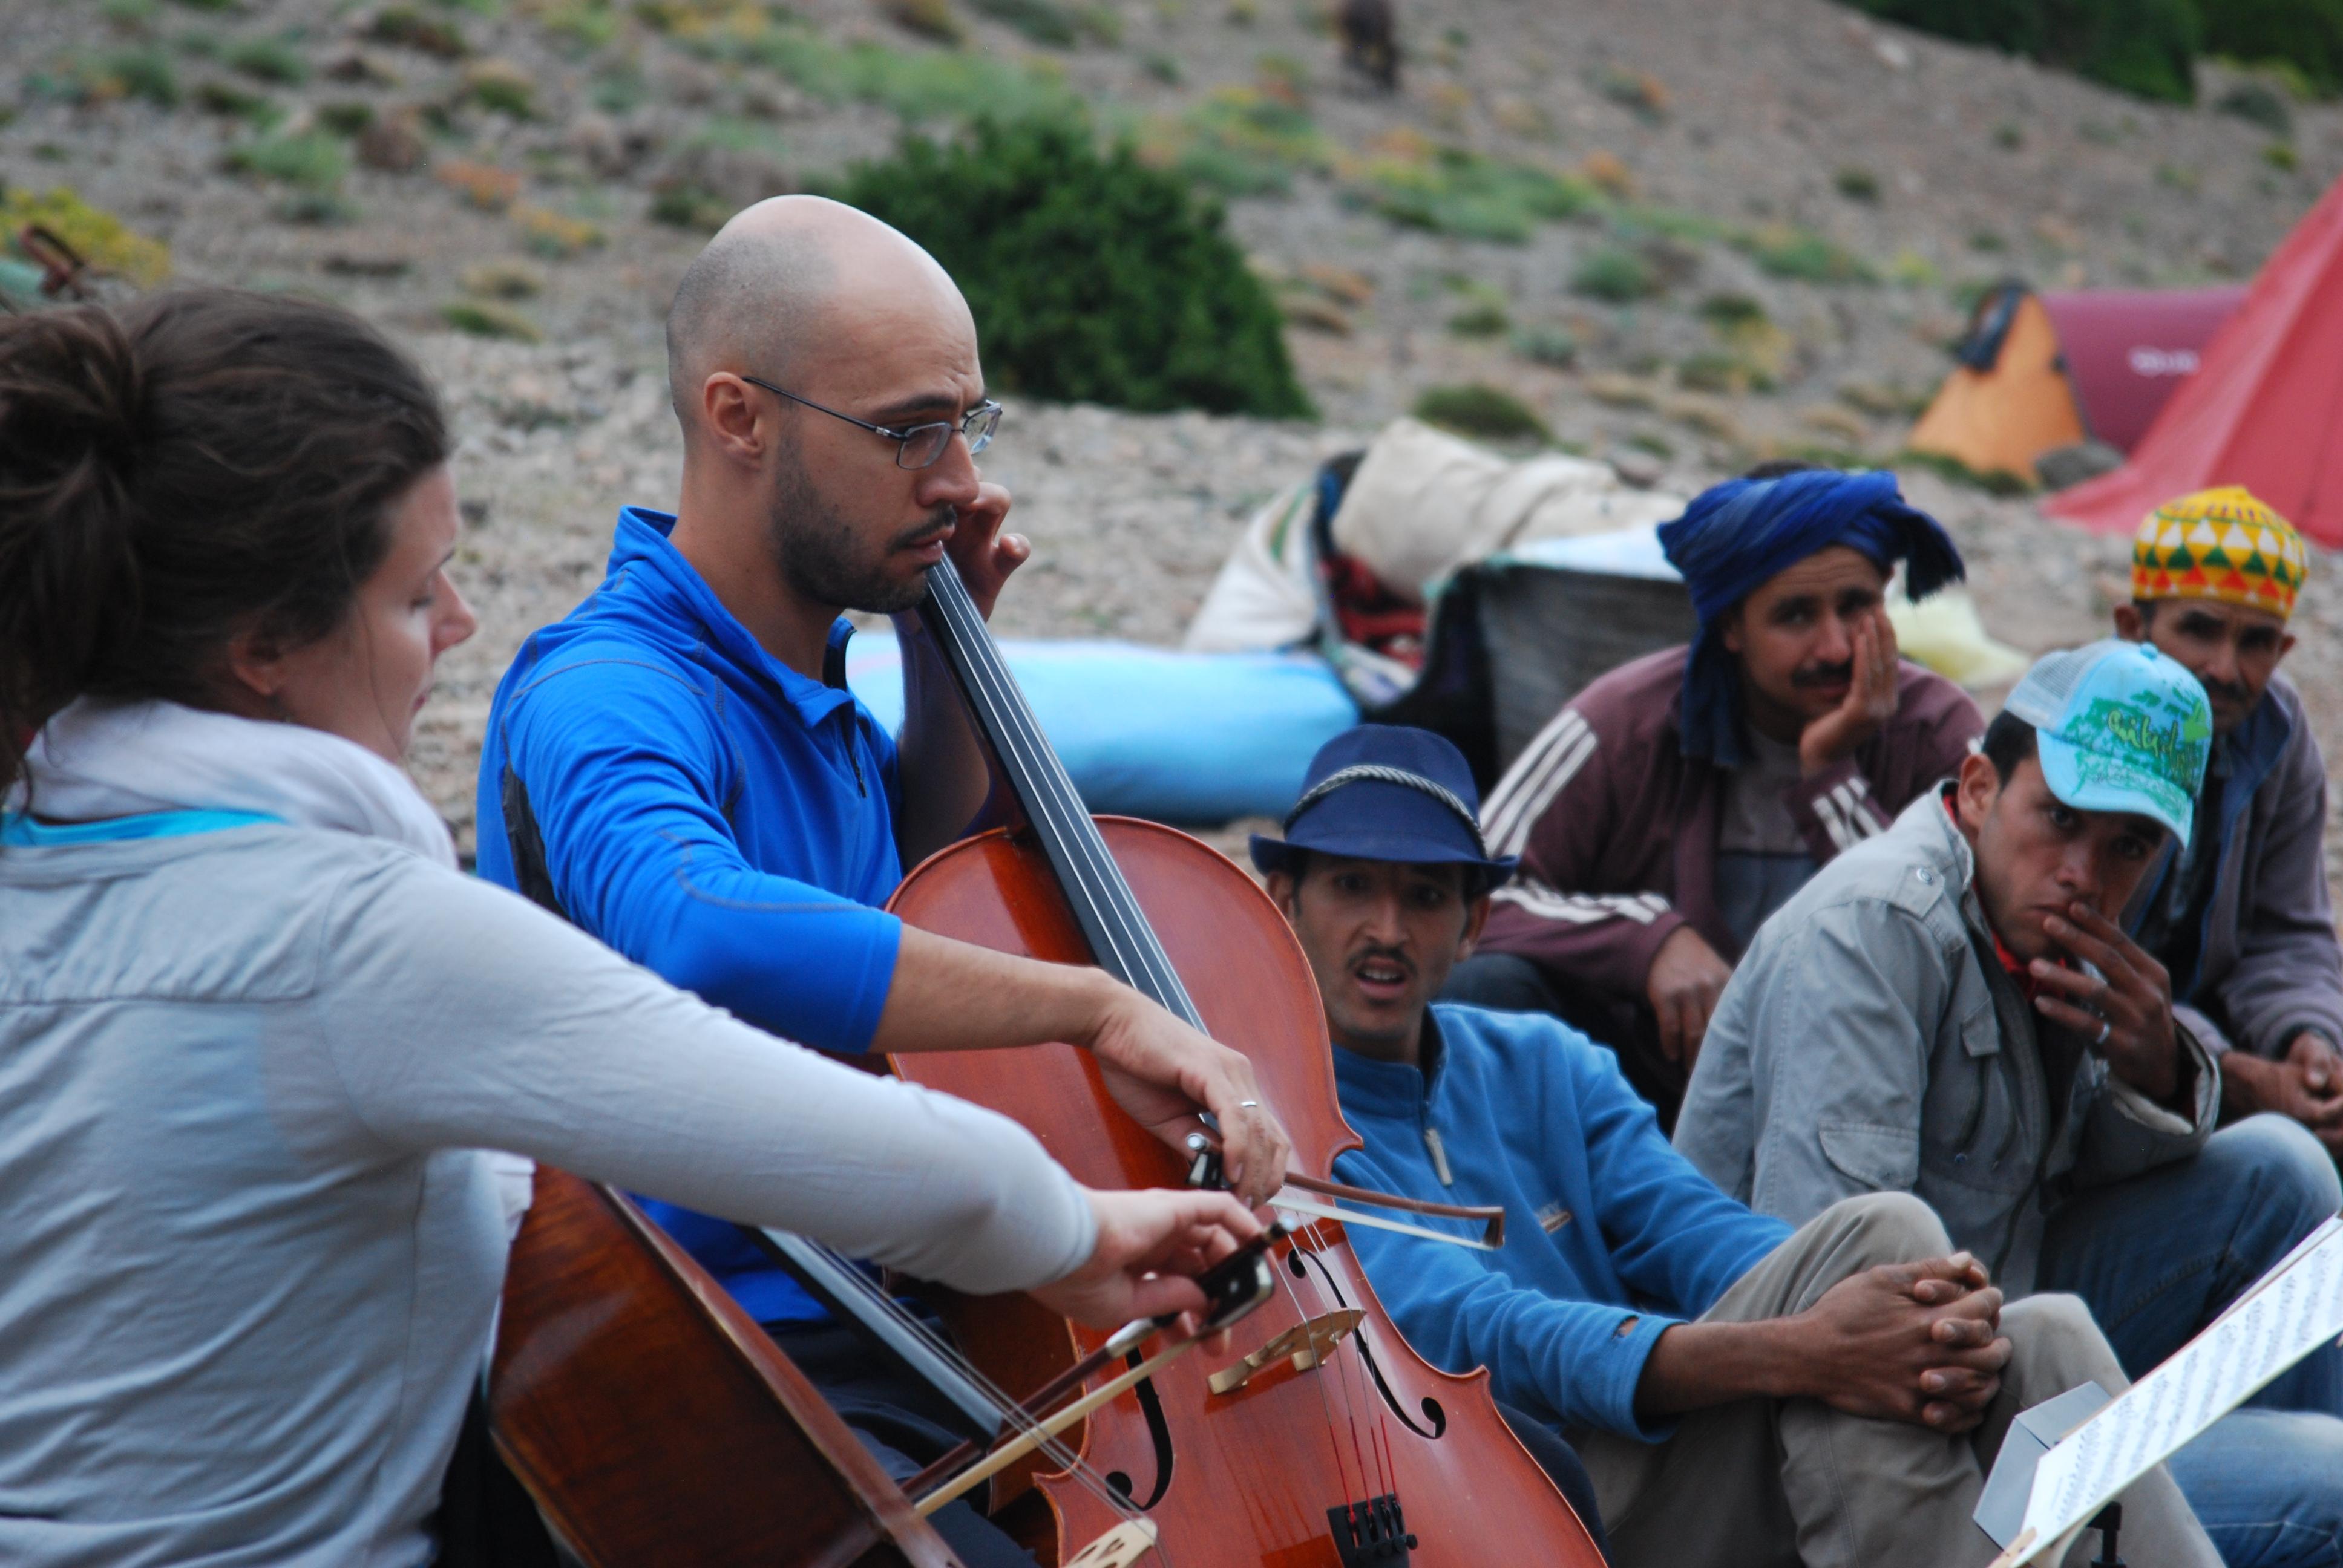 Les muletiers sont à l'écoute,Maroc